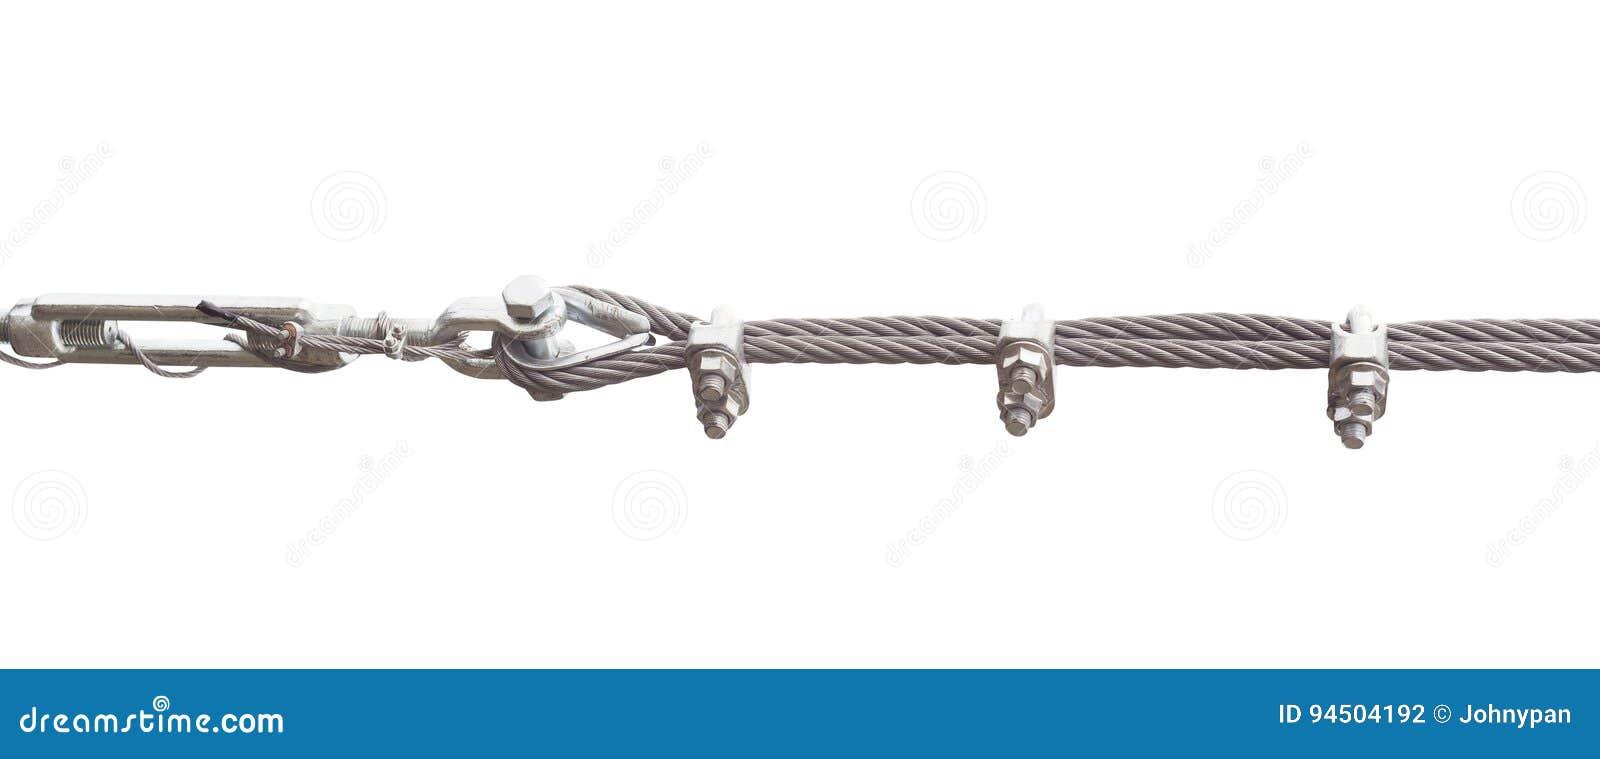 Metallseil Vom Stahl Lokalisiert Auf Weiß Stockfoto - Bild von ...